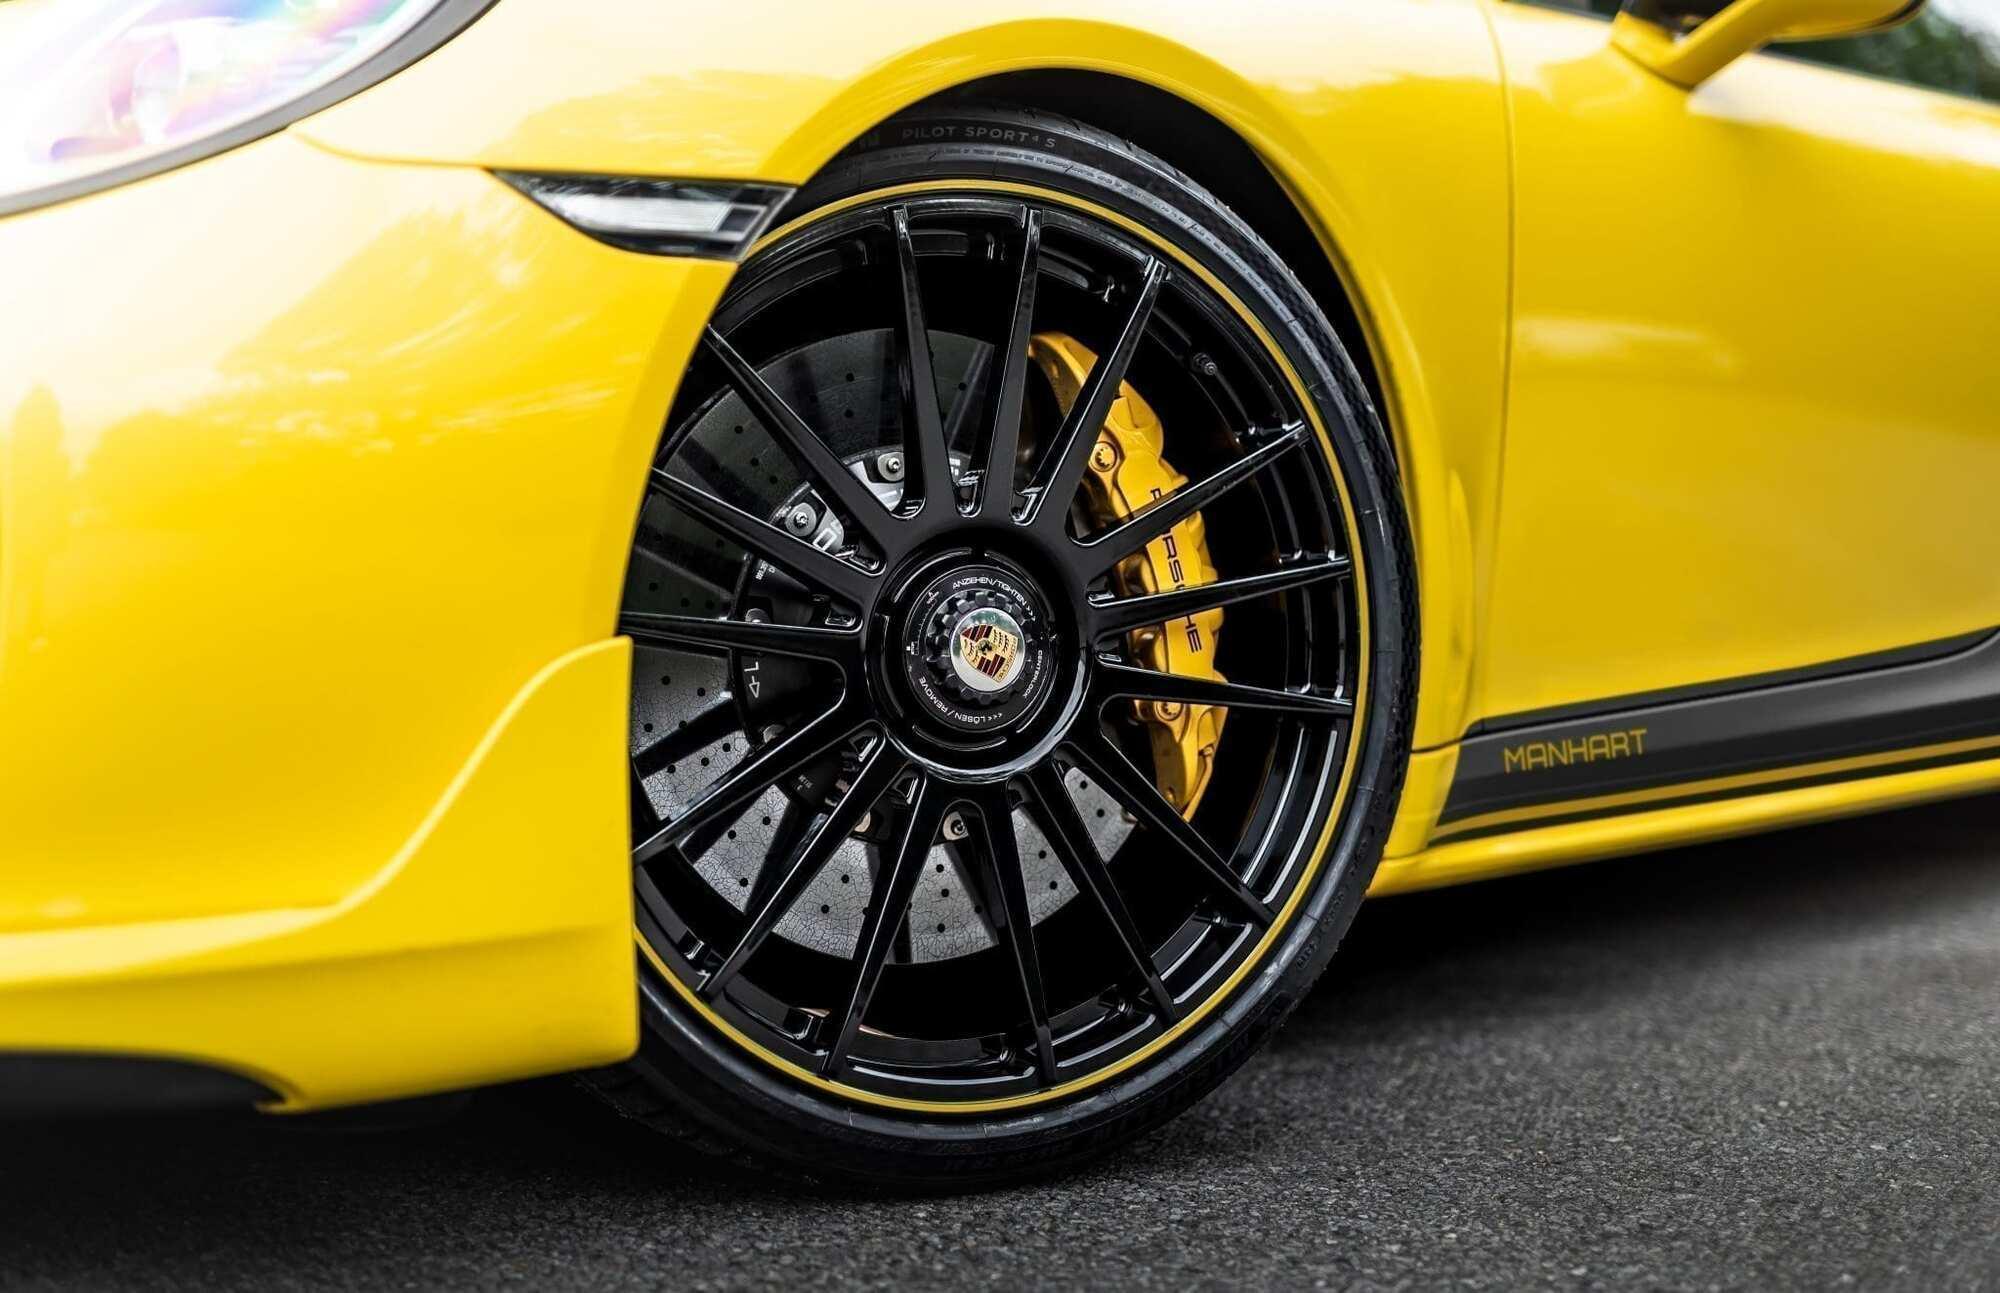 Manhart TR850 получил 21-дюймовые ажурные диски Levella и шины Michelin Pilot Sport 4 S размерностью 255/30 спереди и 325/25 – сзади. Фото: